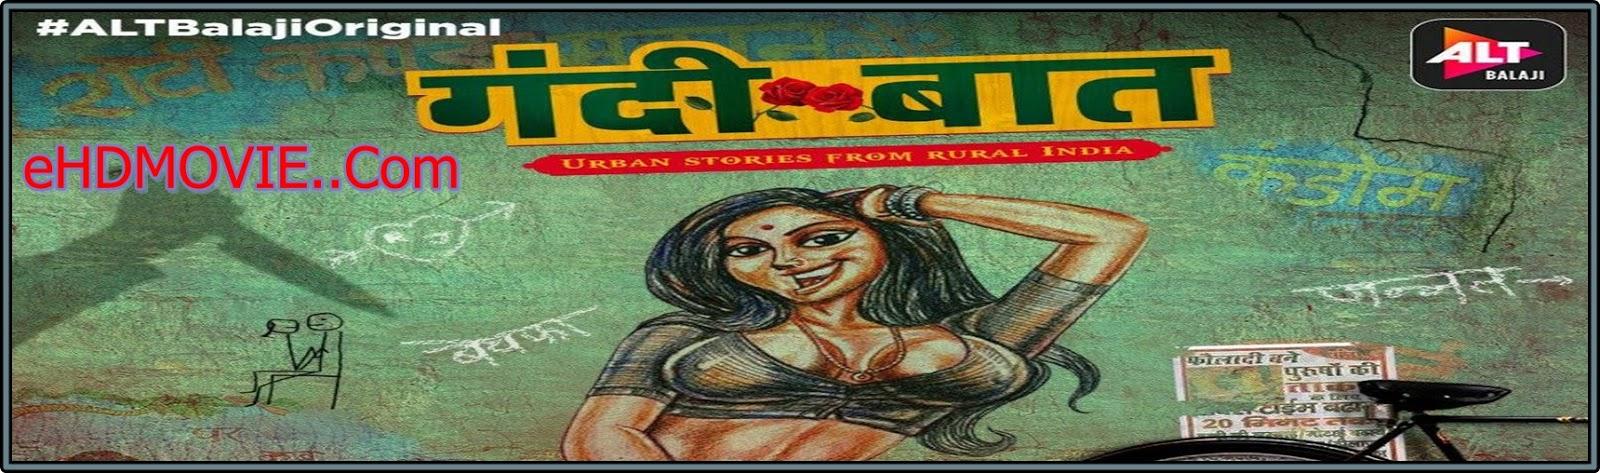 Gandii Baat 2018 S01 Complete Hindi 720p BRRip ESubs